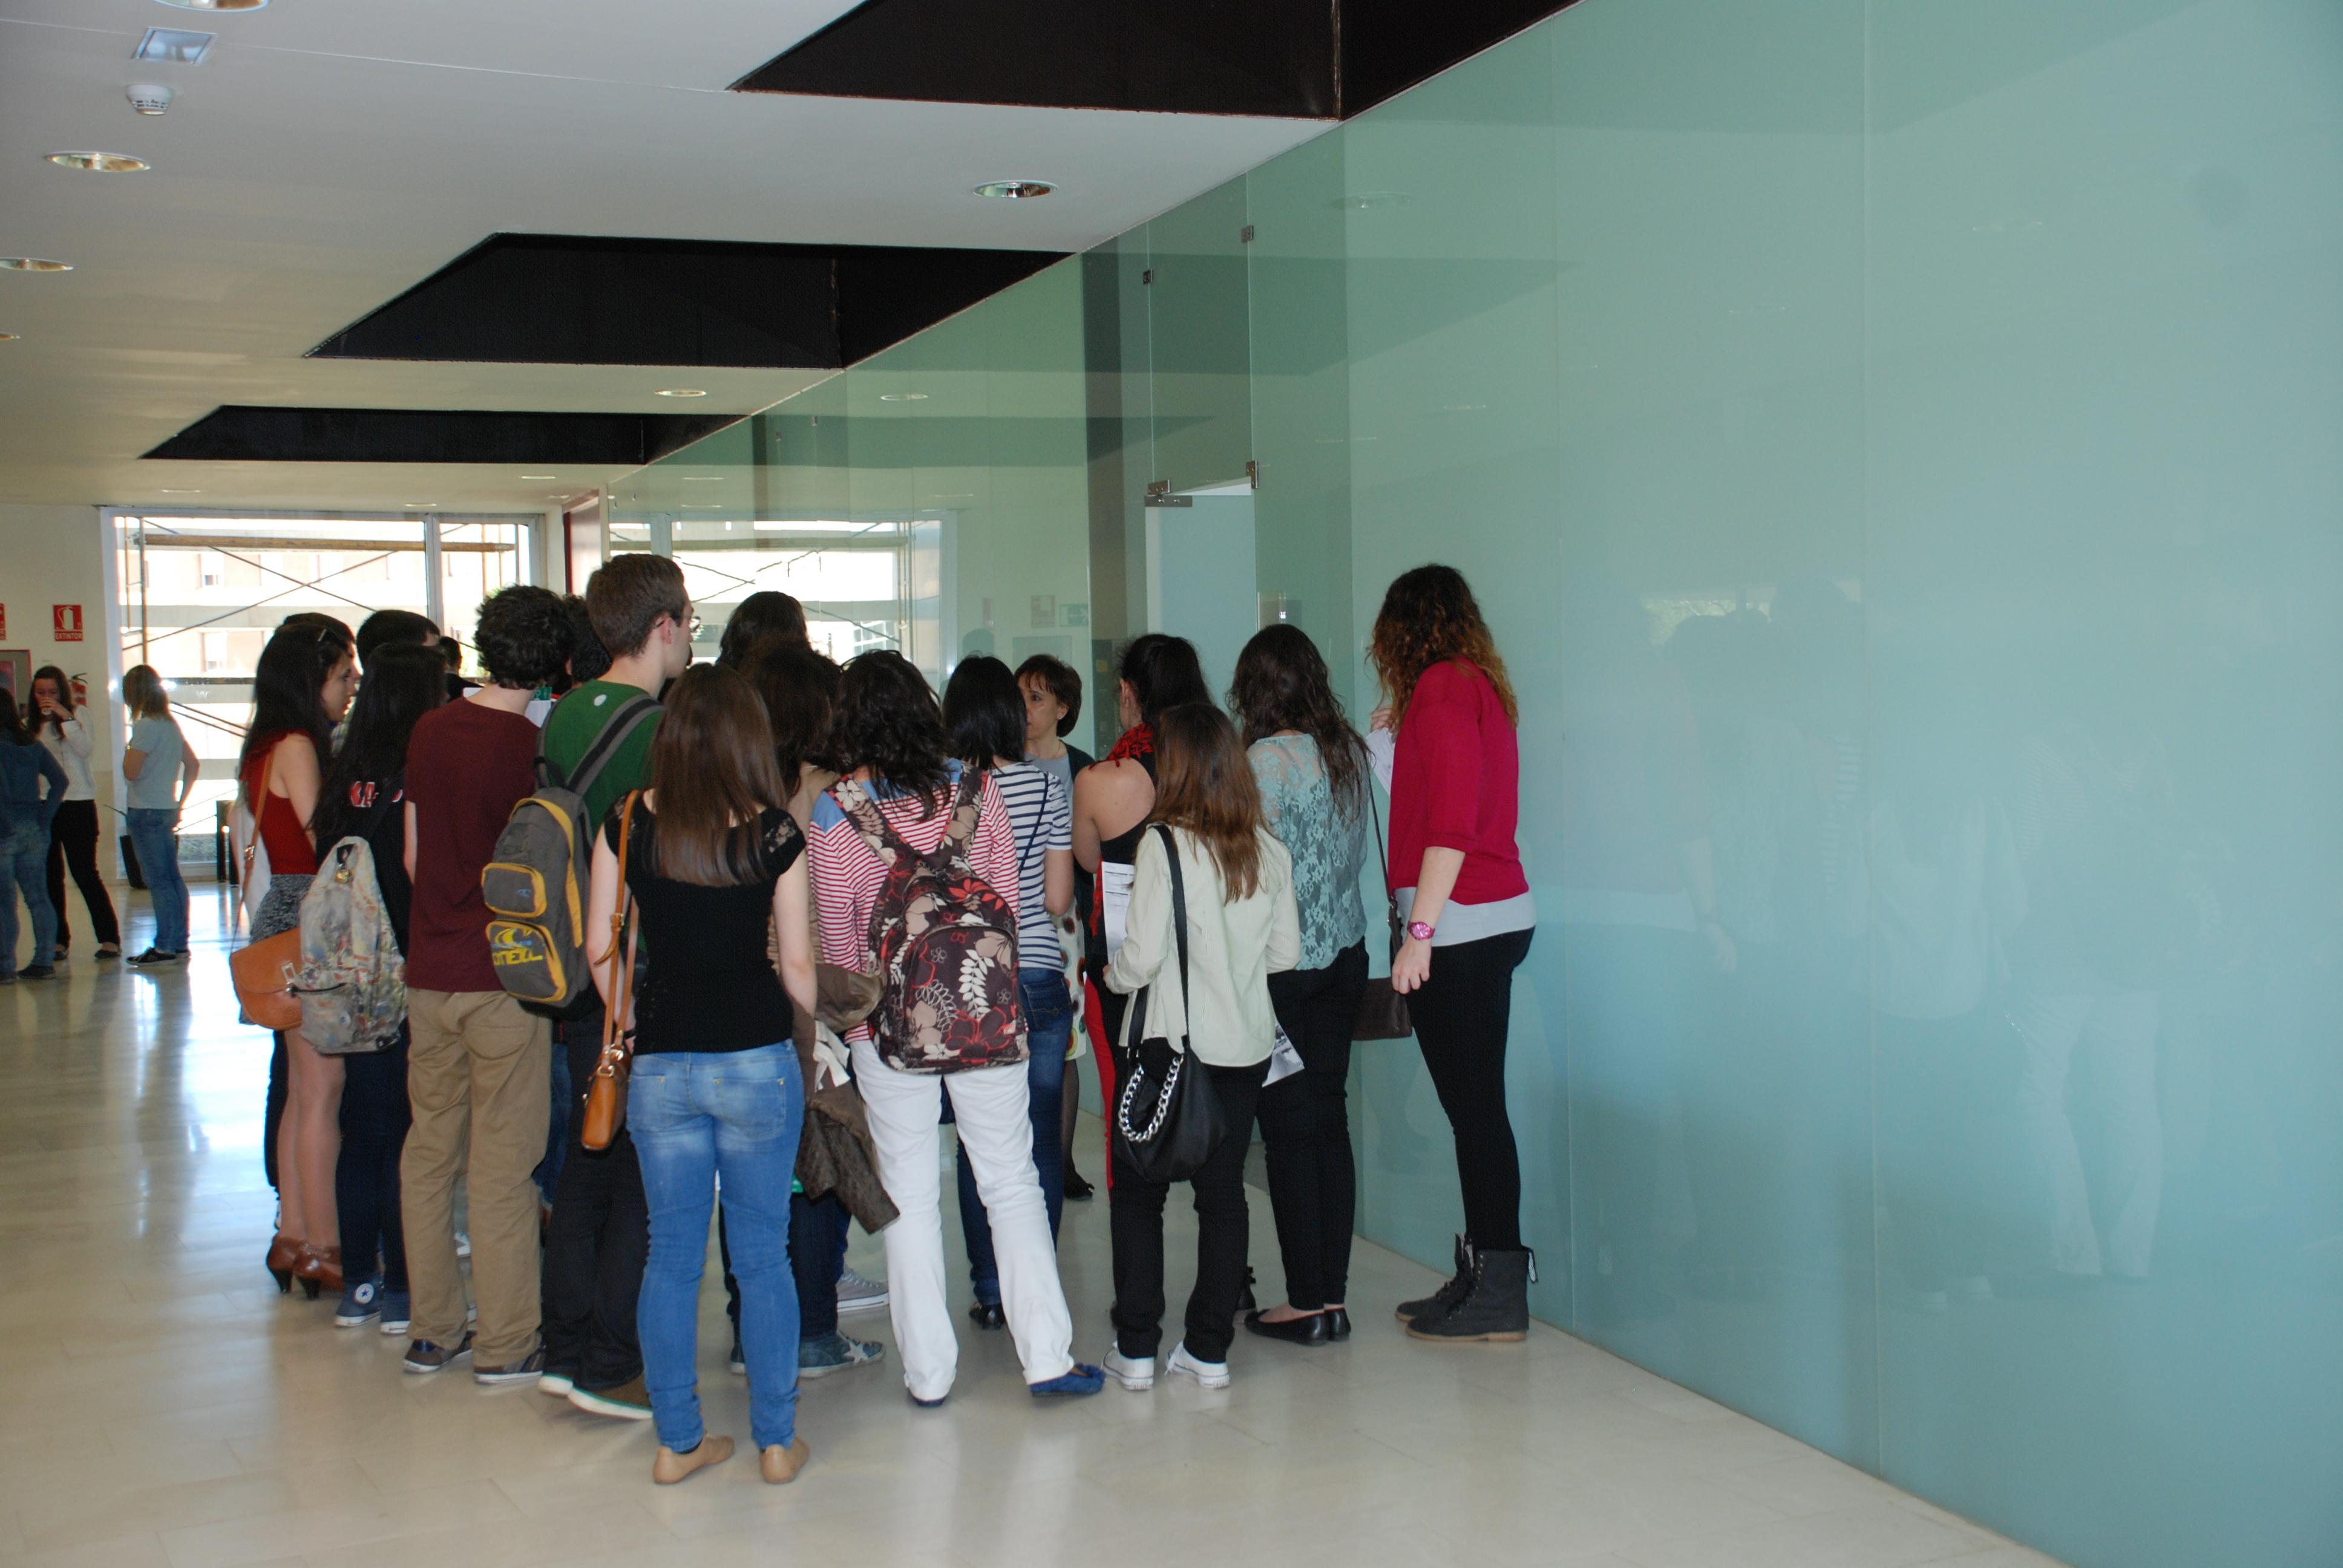 Cerca de 2.700 estudiantes de bachillerato y de ciclos formativos participarán en las Jornadas de Puertas Abiertas 2013 de la Universidad de Salamanca